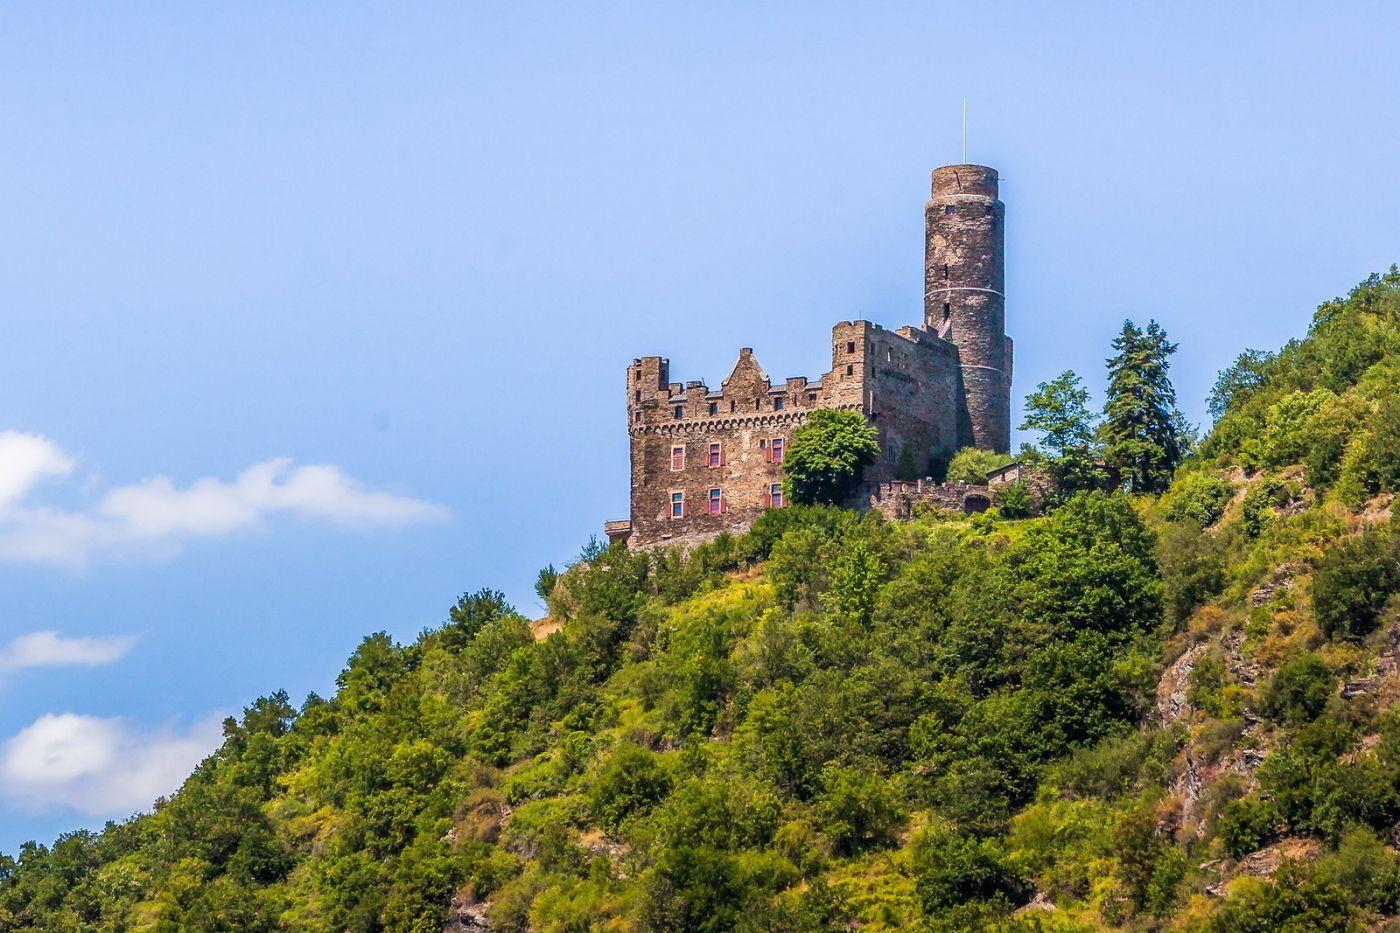 畅游莱茵河,山腰间的城堡_图1-15